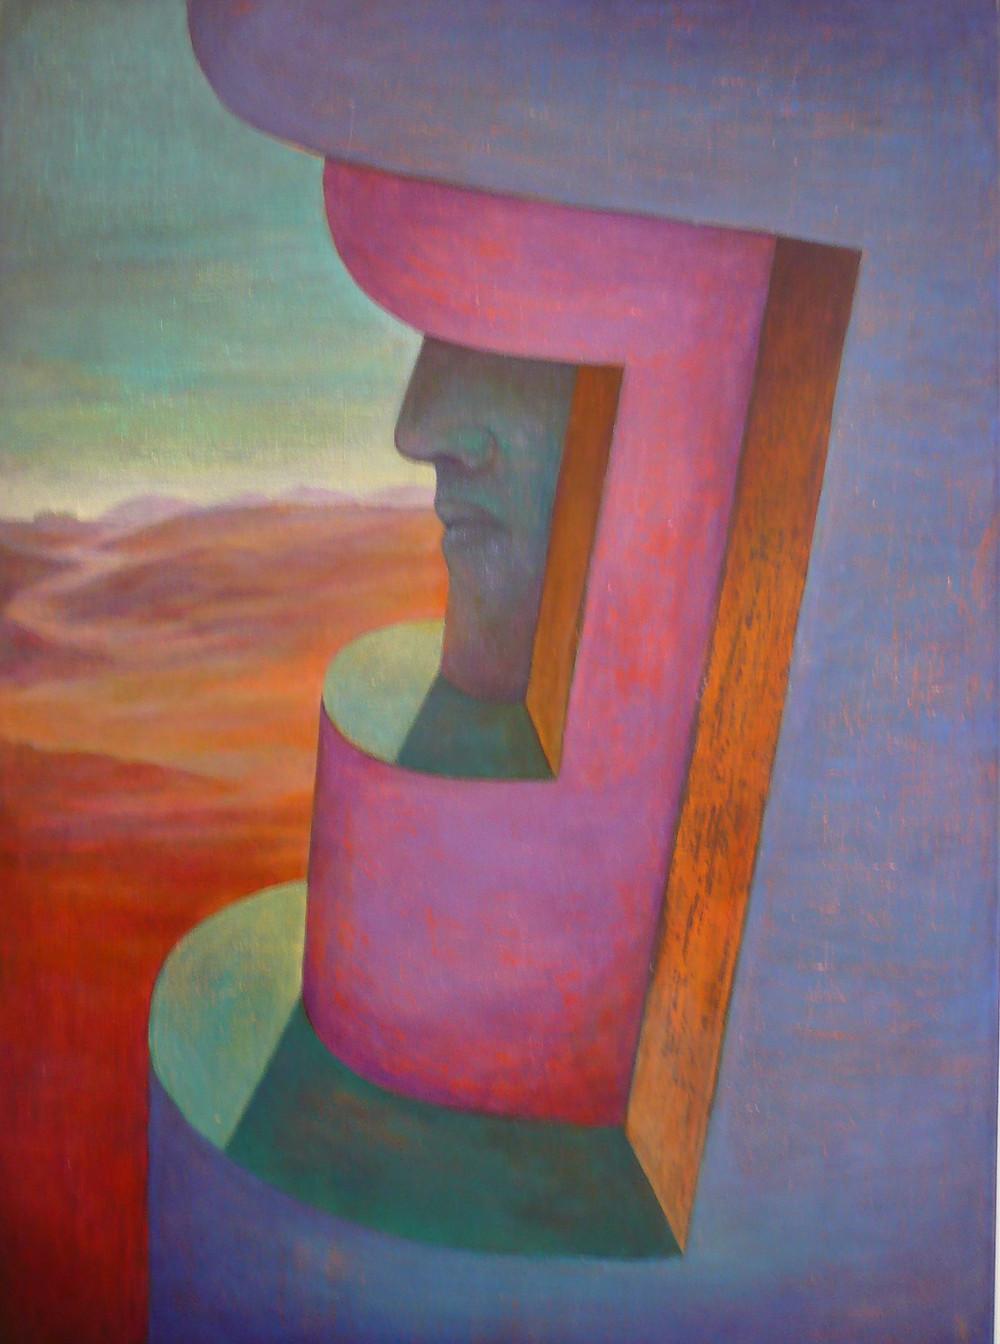 Szurcsik József: Az őrködő, 2007-08. Akril, olaj, vászon, 100x80 cm